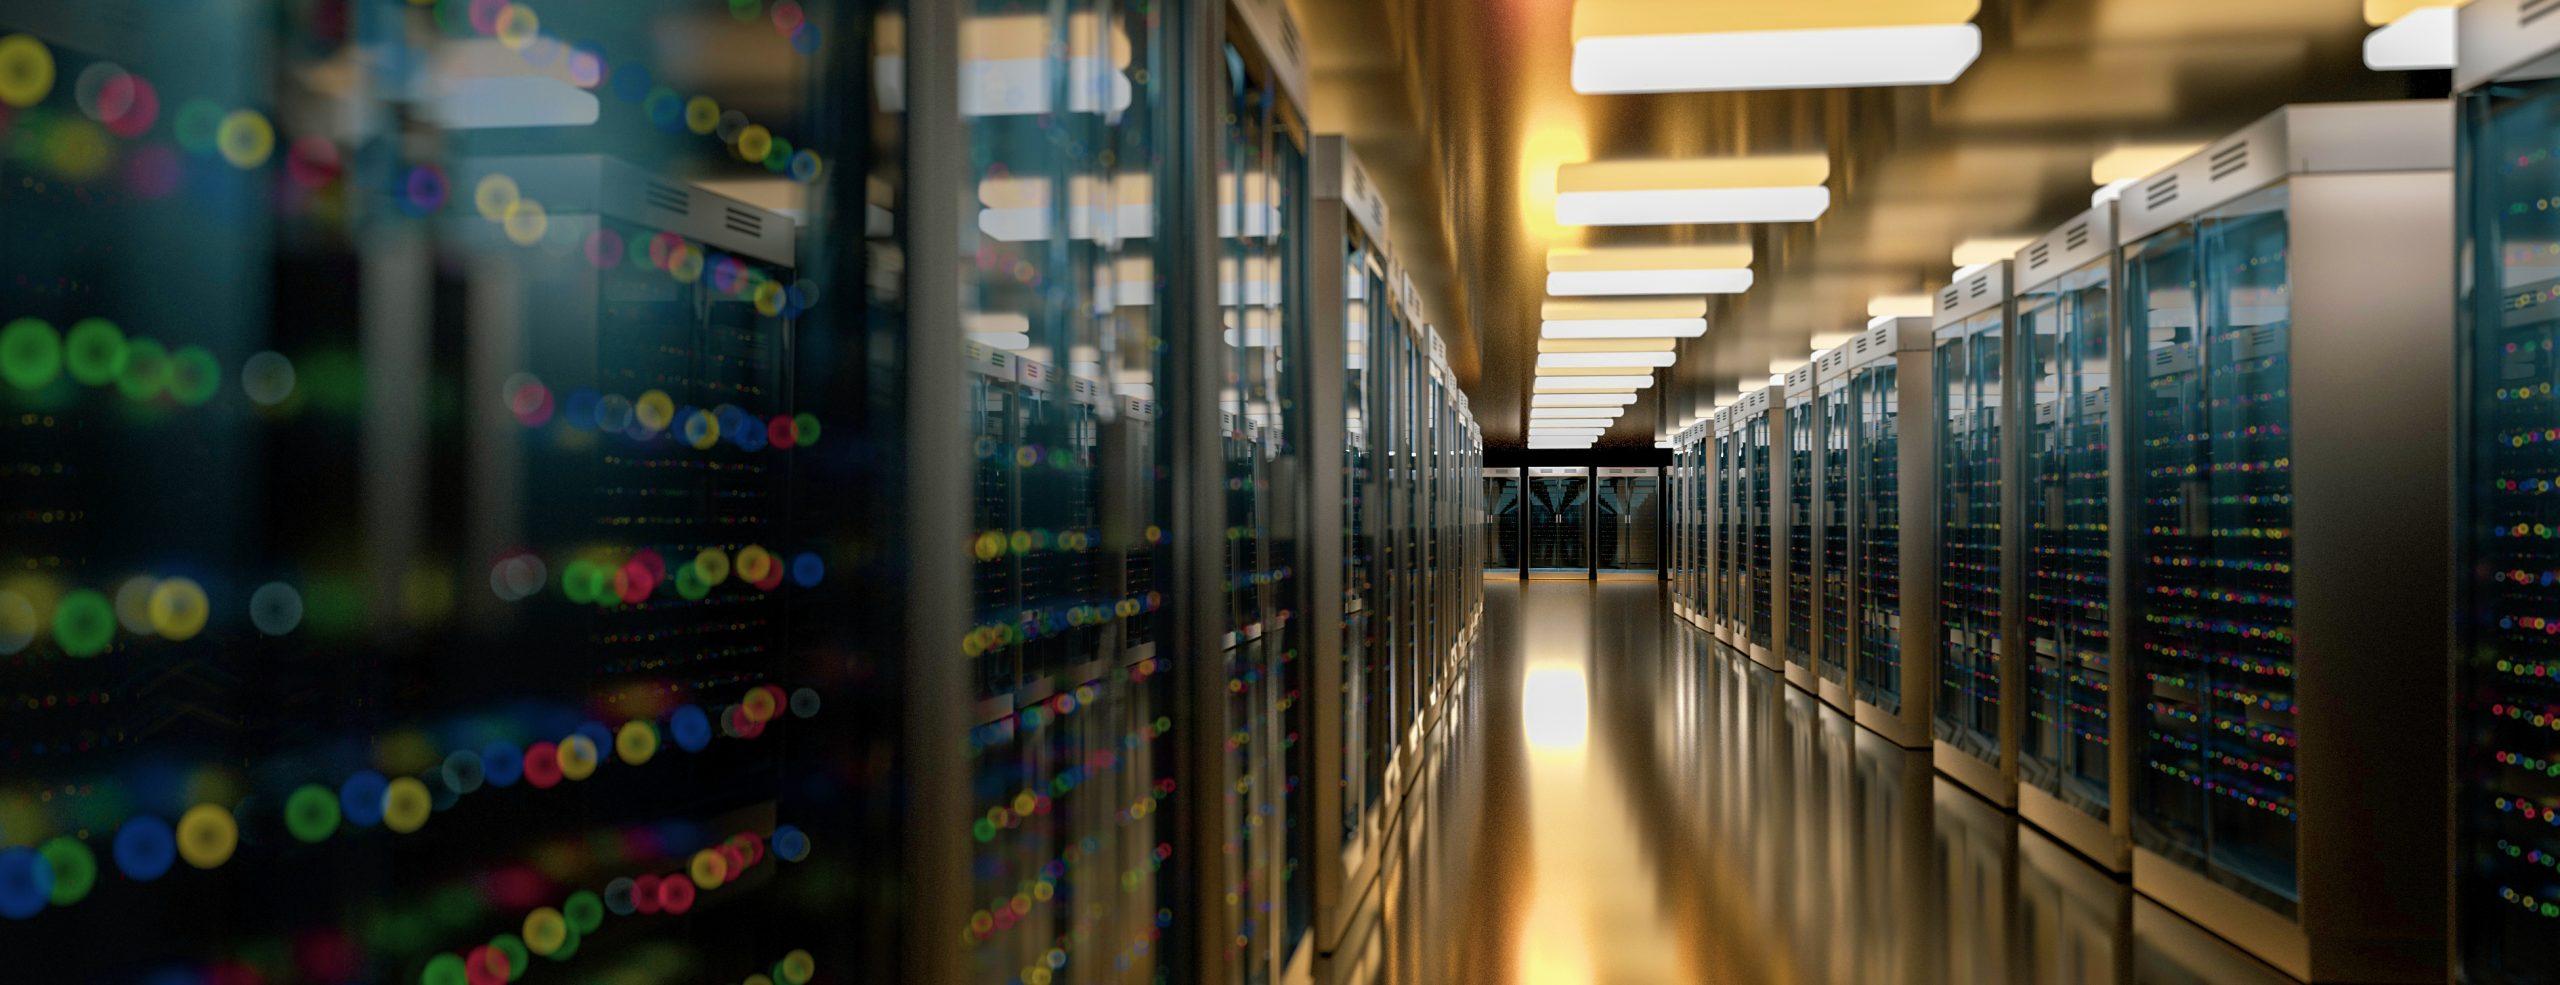 data center temperature guidelines